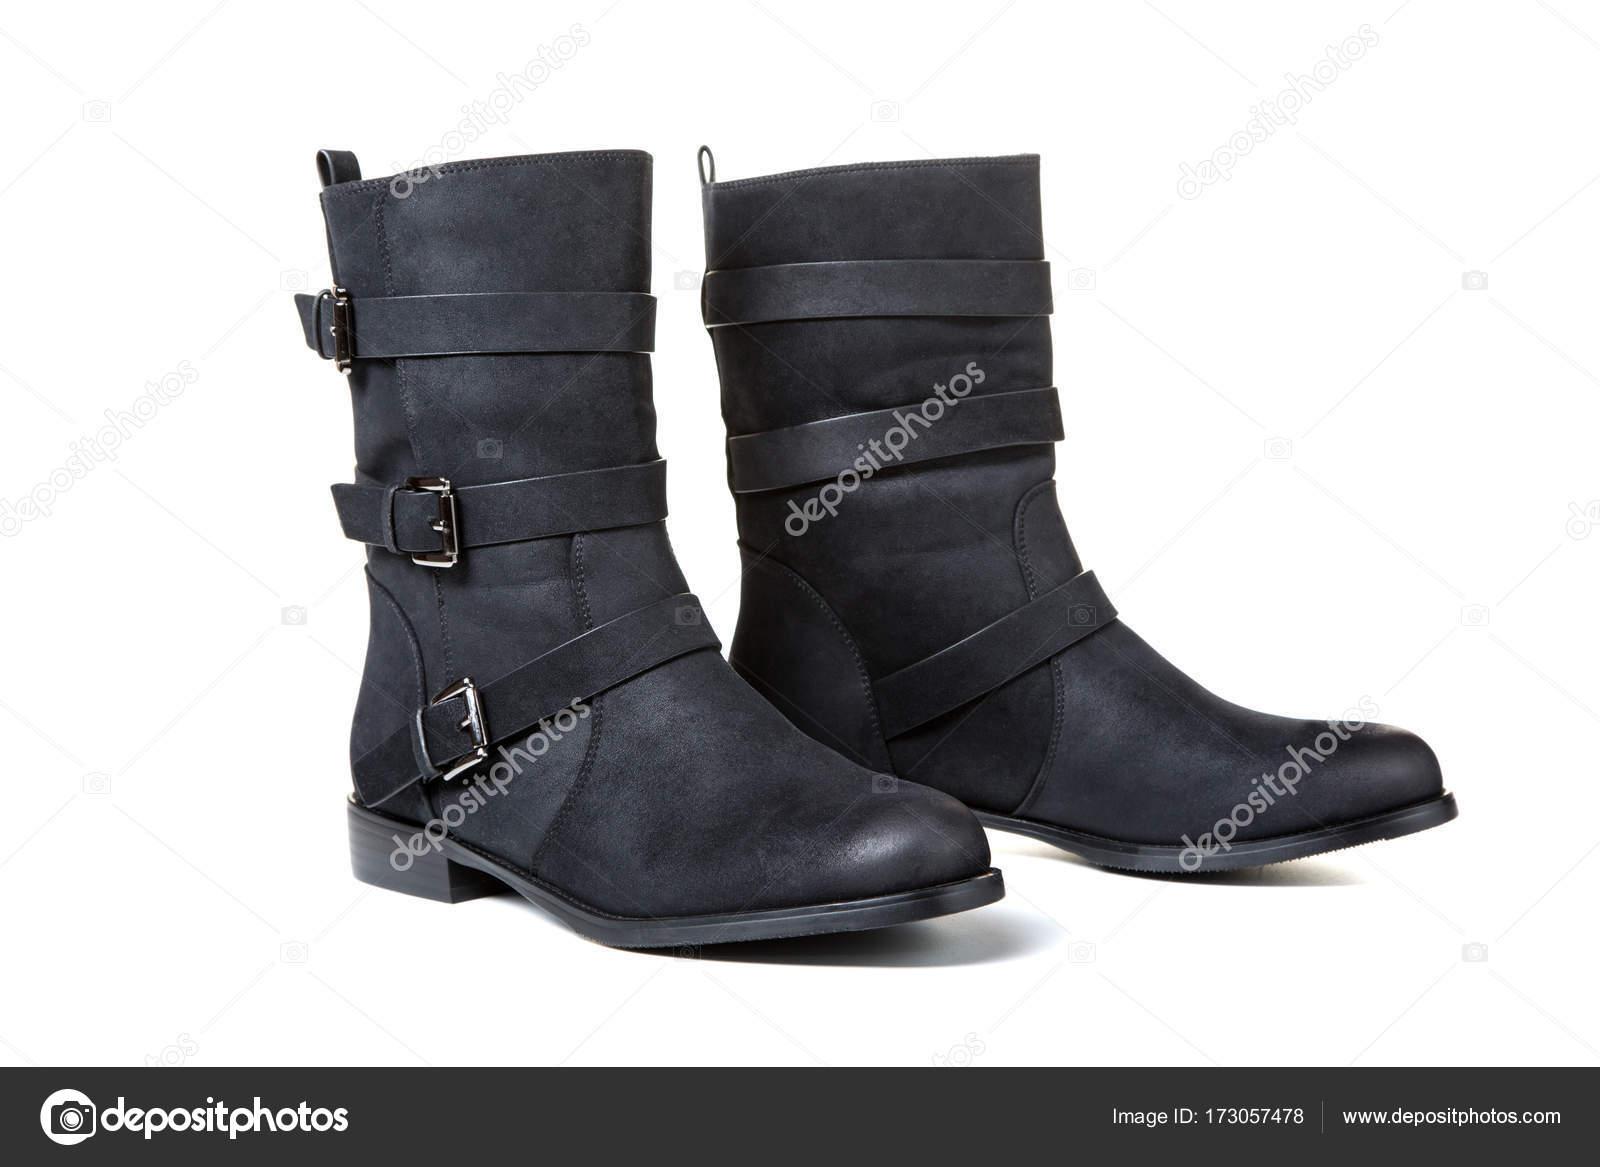 Schwarze Frauen Stiefel Isolierten Auf Weißen Hintergrund